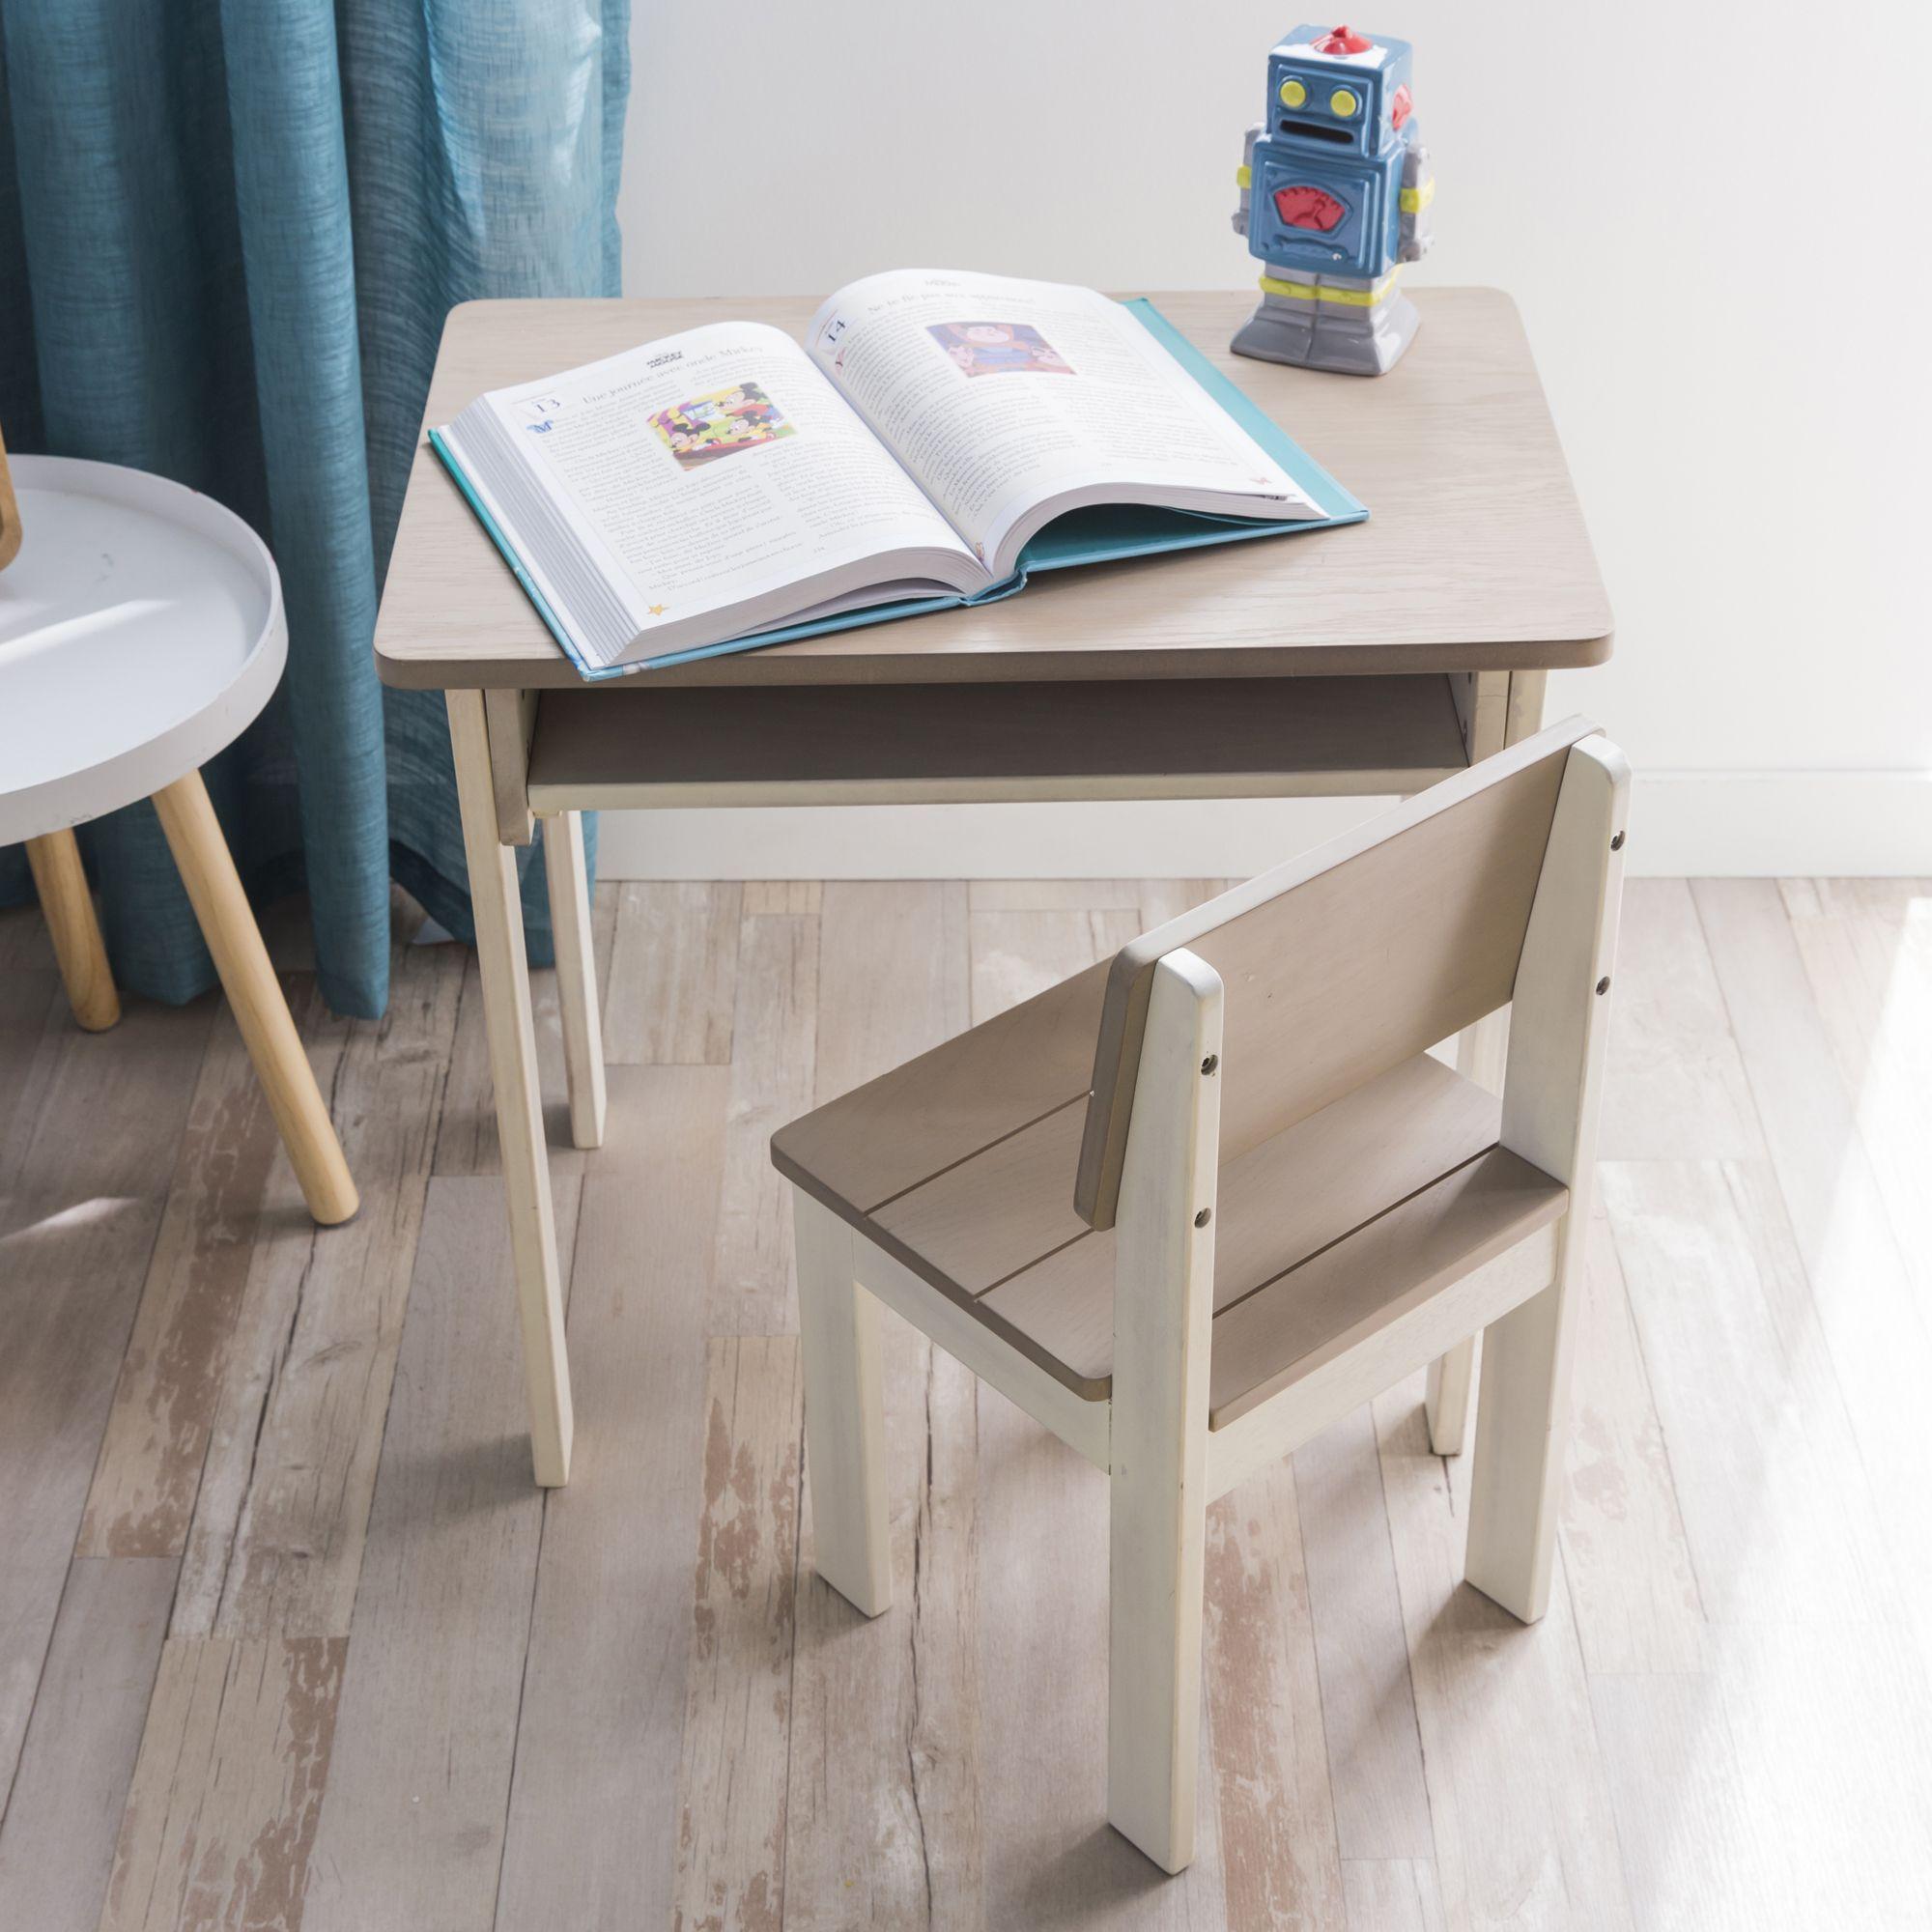 Jules Table En Acacia Blanche Et Grise Pour Enfant Alinea Home Decor Furniture Drafting Desk